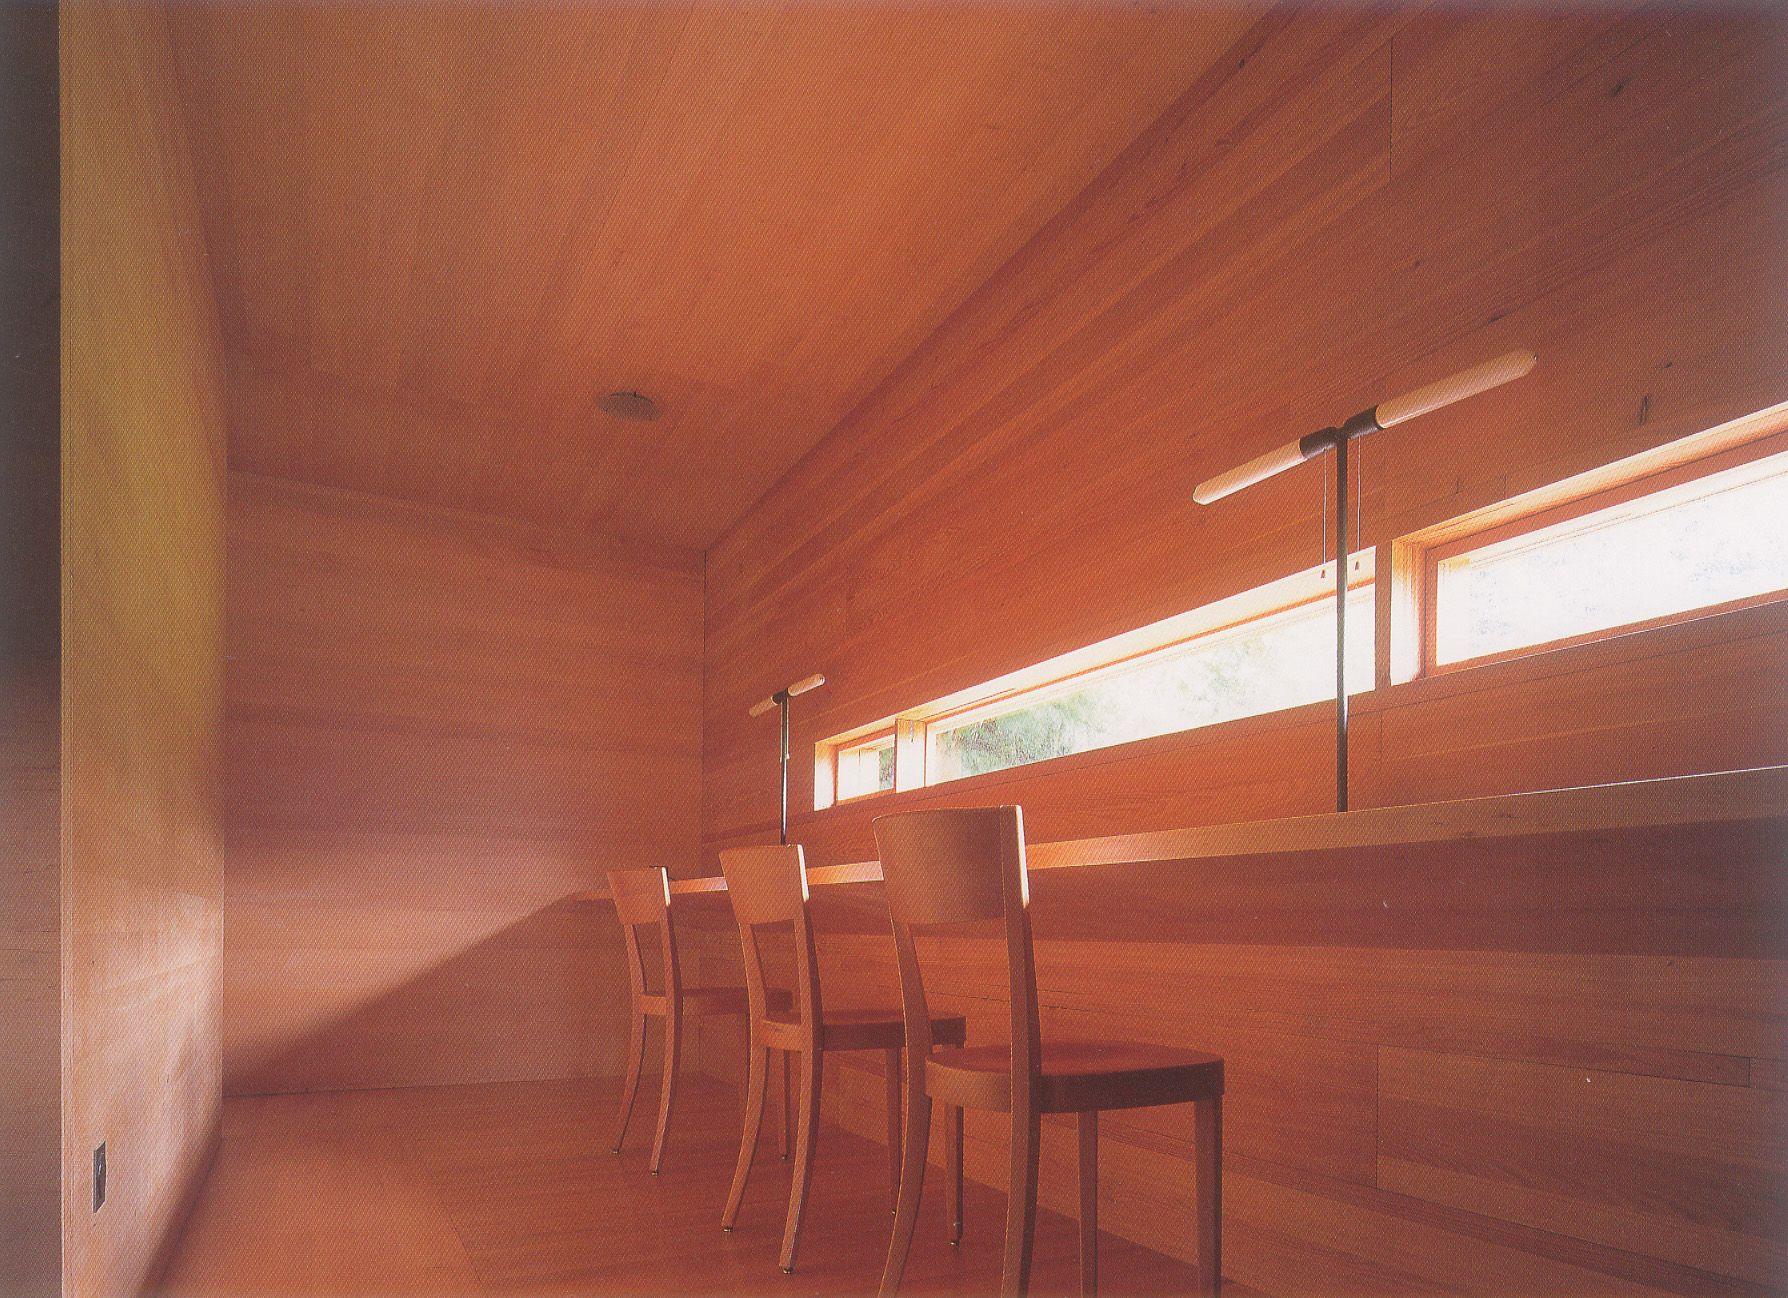 Casa gugalun google zoeken the hotel lobby peter for Architect zoeken